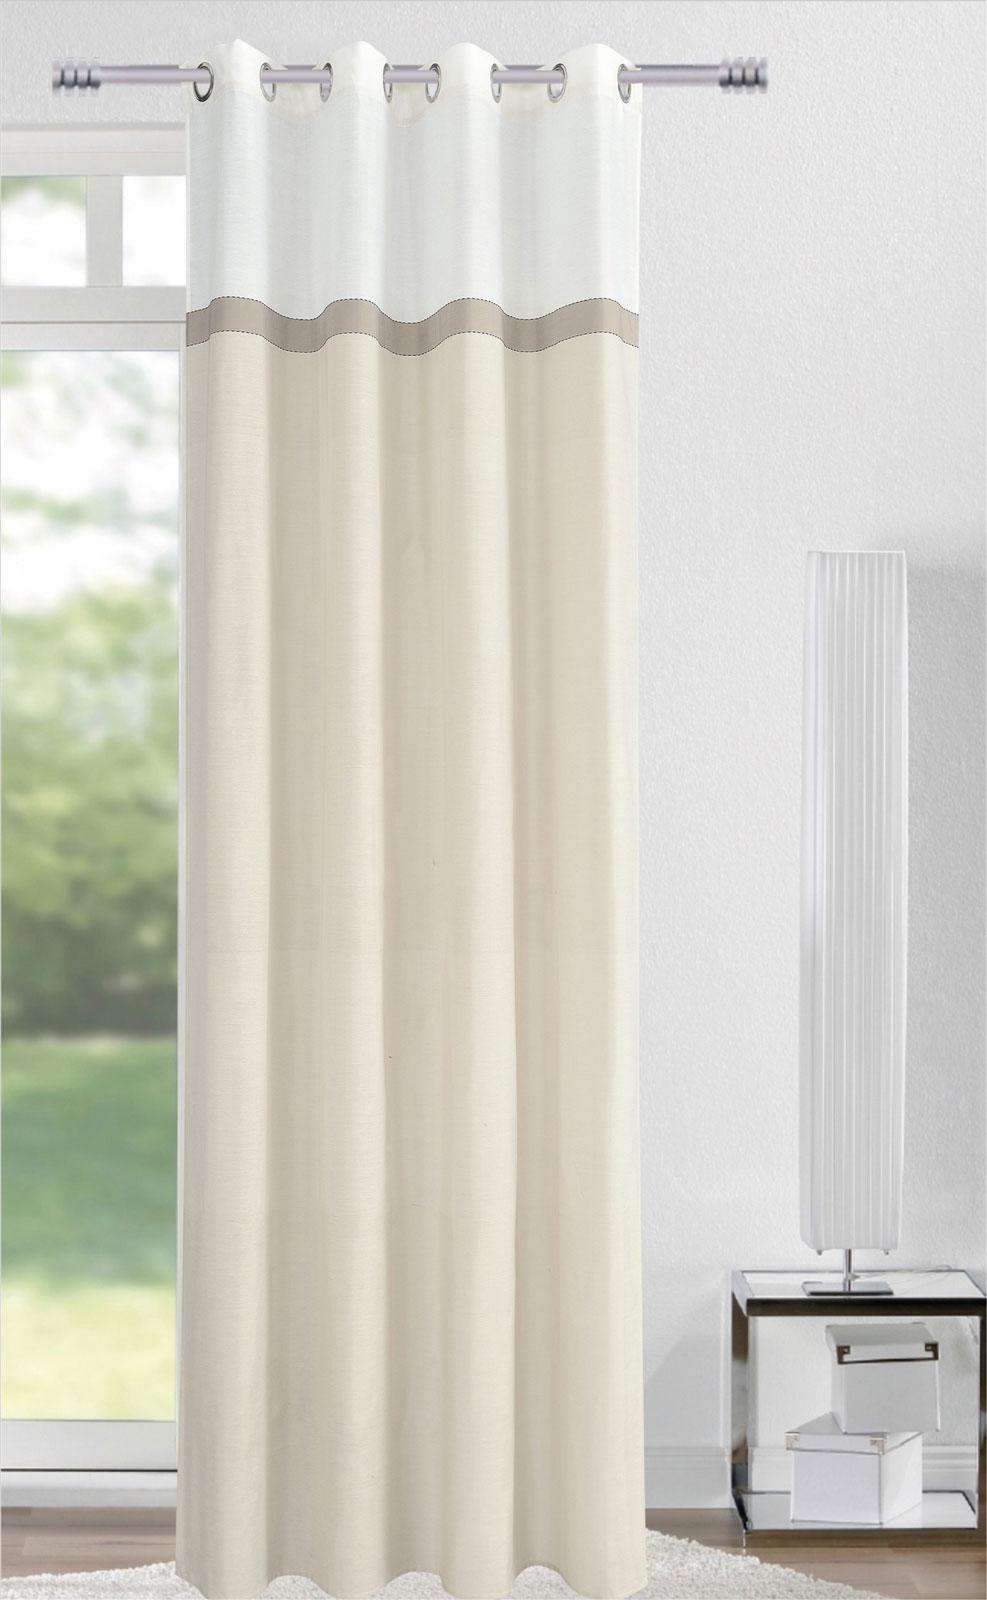 Gardinen und Vorhänge - Ösenschal Vorhang Gardine 140x245 mit Metallösen Needle weiß grau creme 400554 4  - Onlineshop PremiumShop321